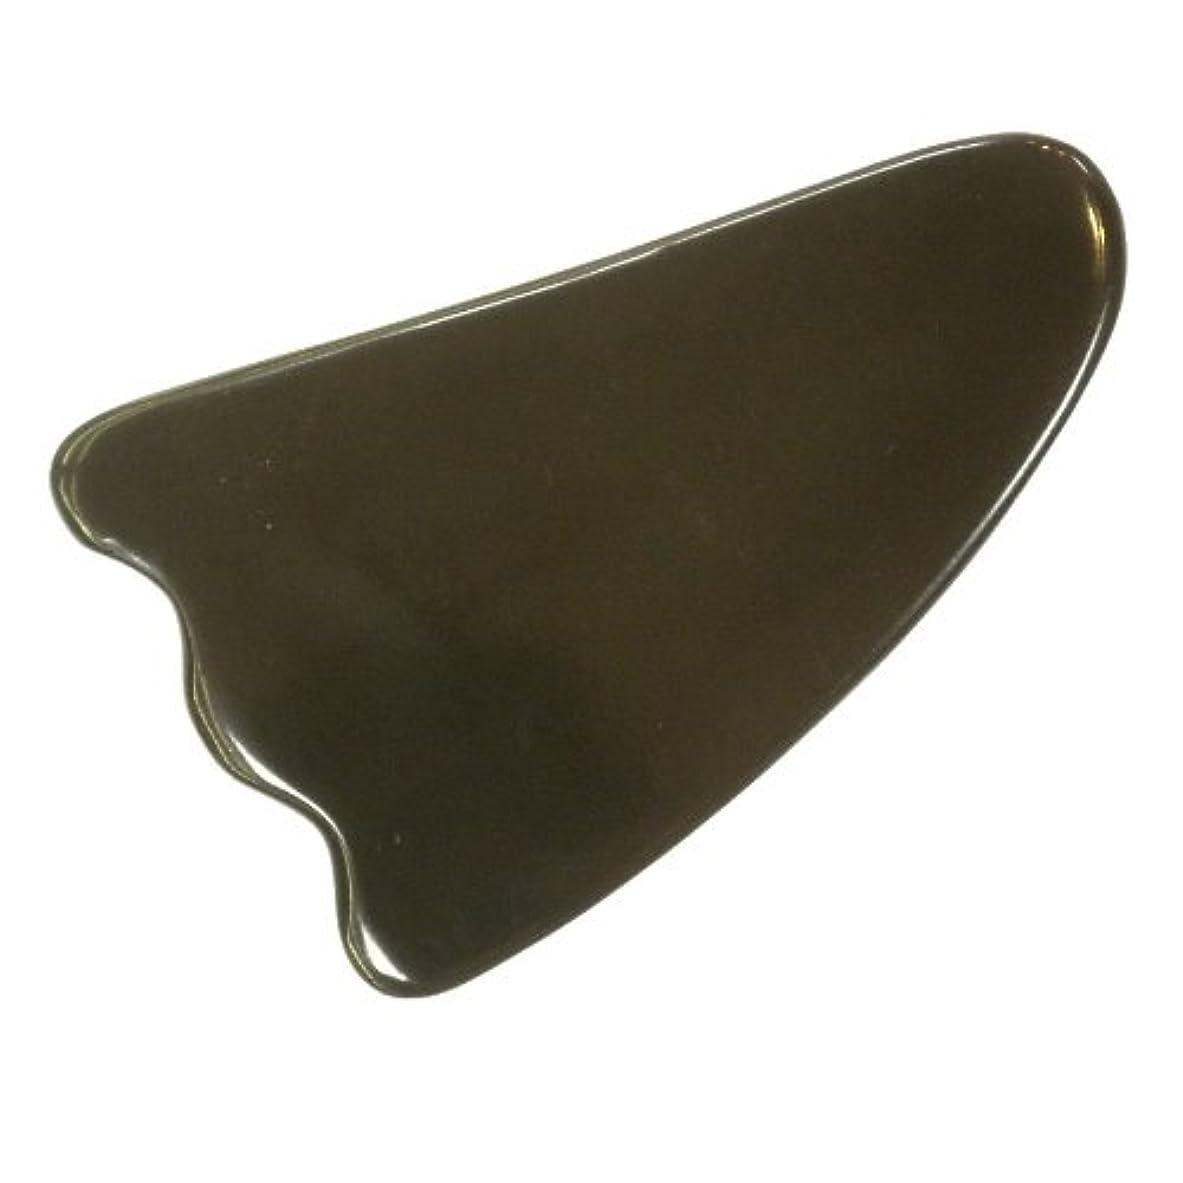 十分ではない薄めるアンカーかっさ プレート 厚さが選べる 水牛の角(黒水牛角) EHE213SP 羽根型 特級品 厚め(7ミリ程度)